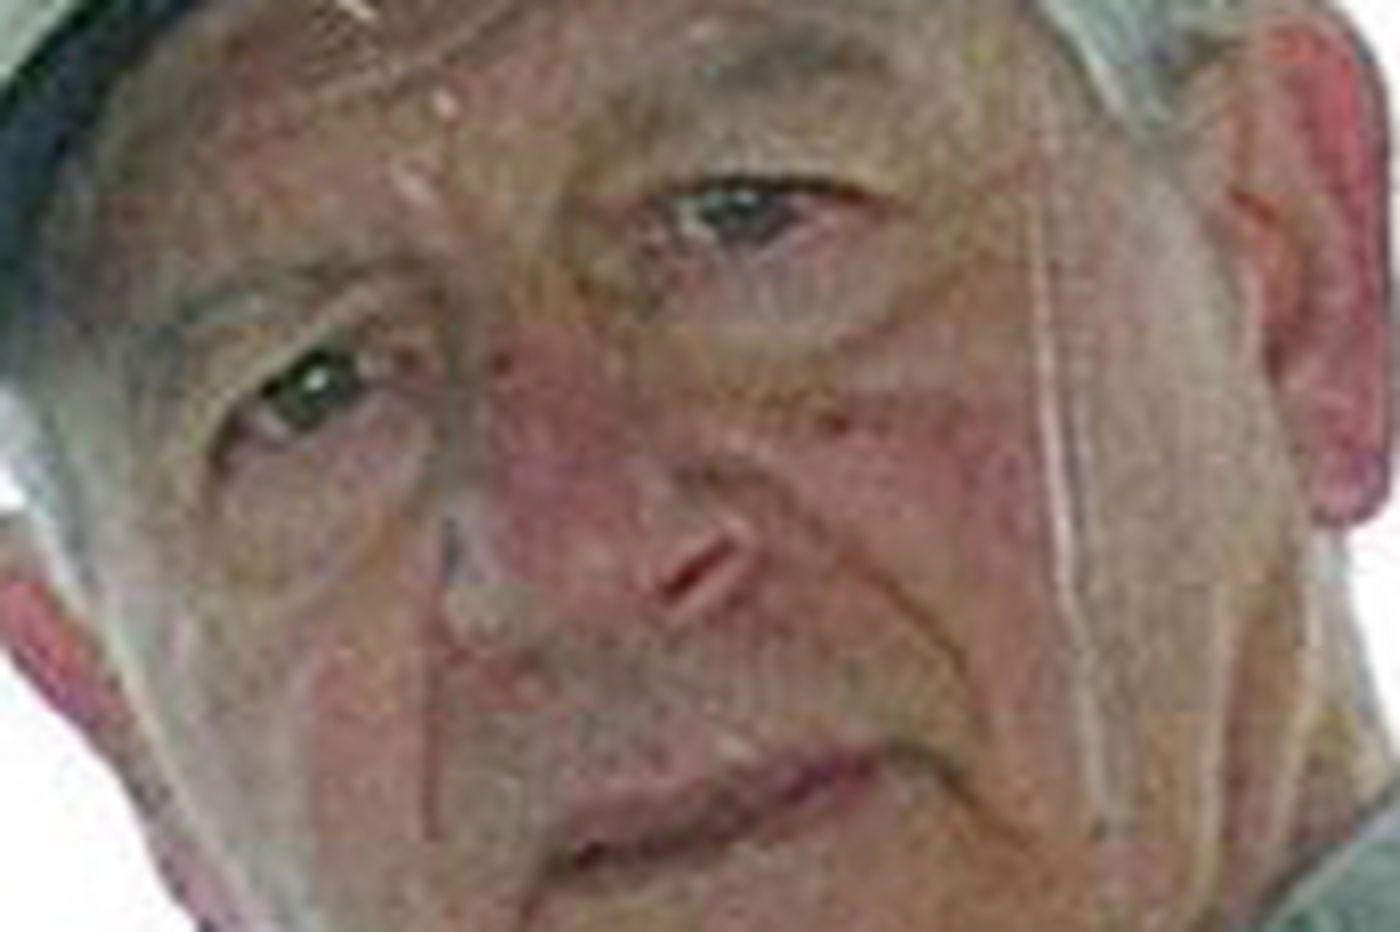 Joseph Vilk   Streets Dept. worker, 63